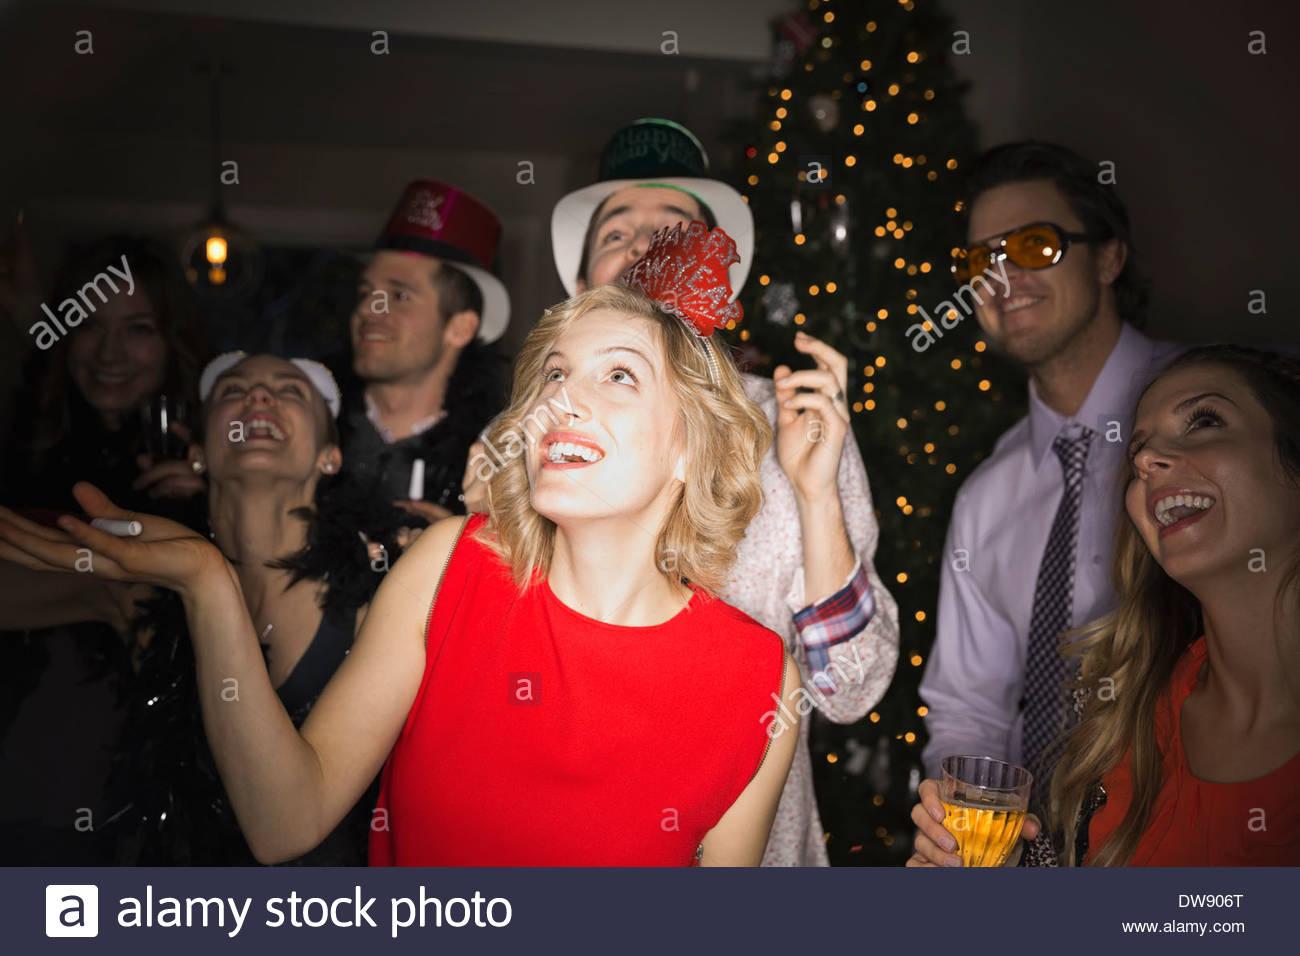 Amigos disfrutando de alegre fiesta de Año Nuevo Imagen De Stock